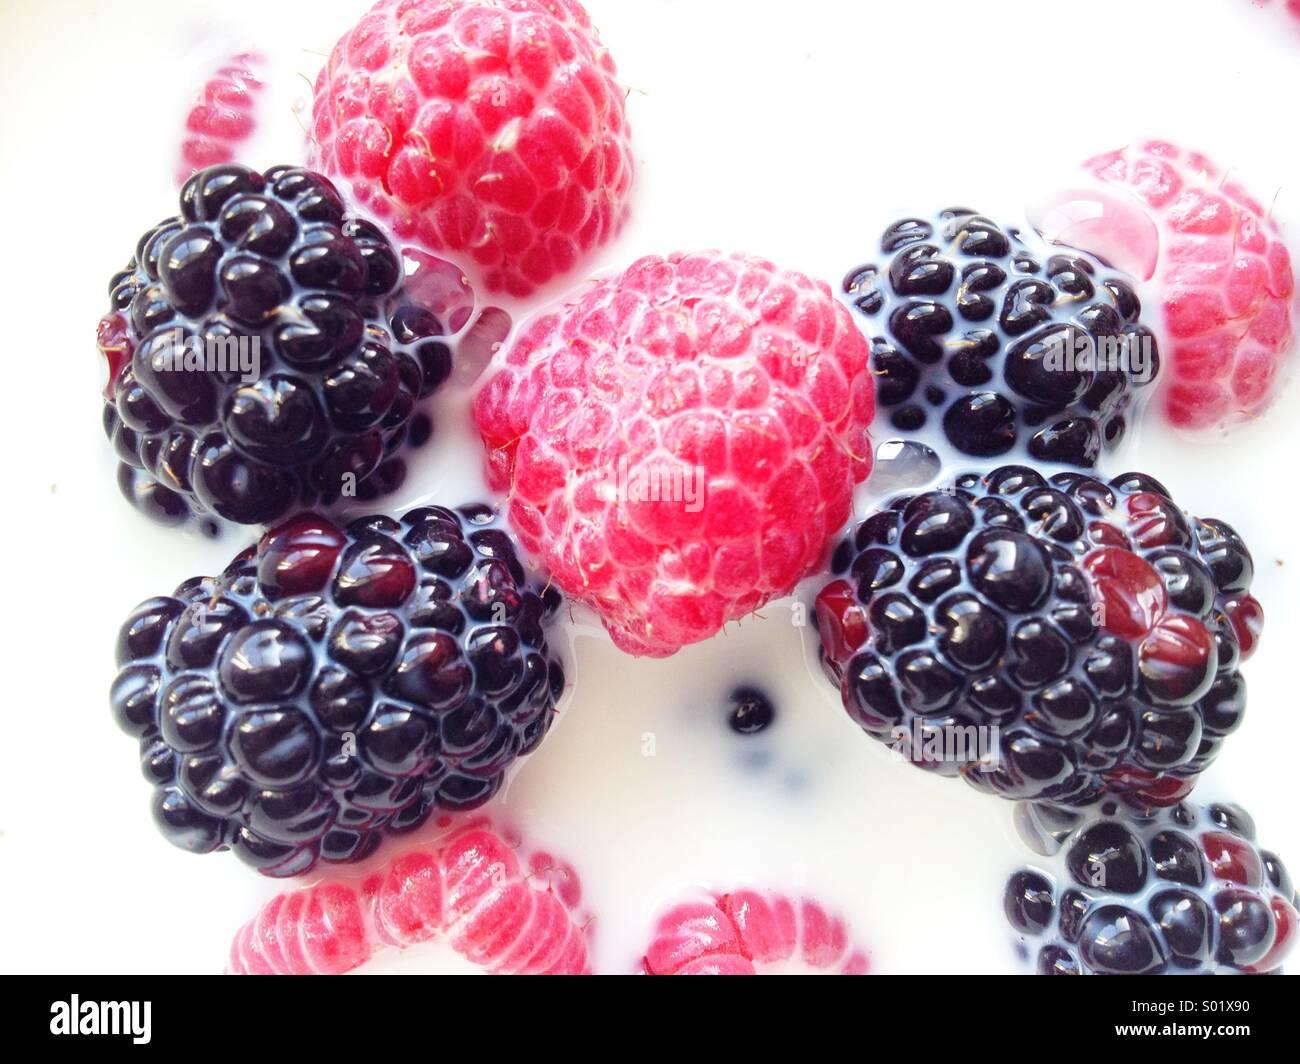 Berries in Milk - Stock Image